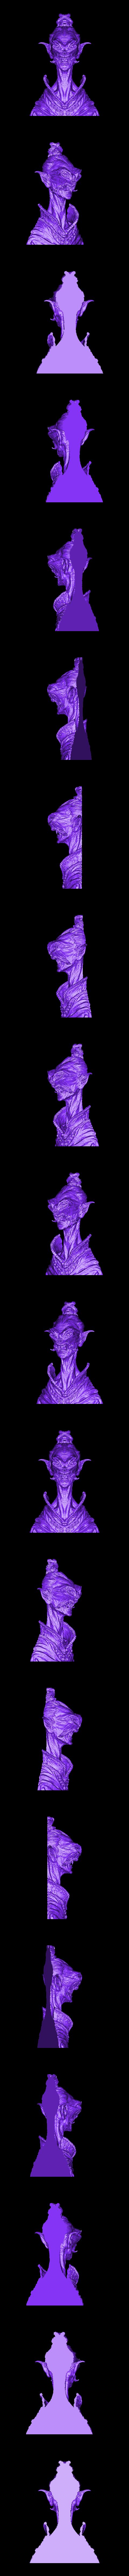 Download Free Stl File Dracula 3d Printable Design Cults